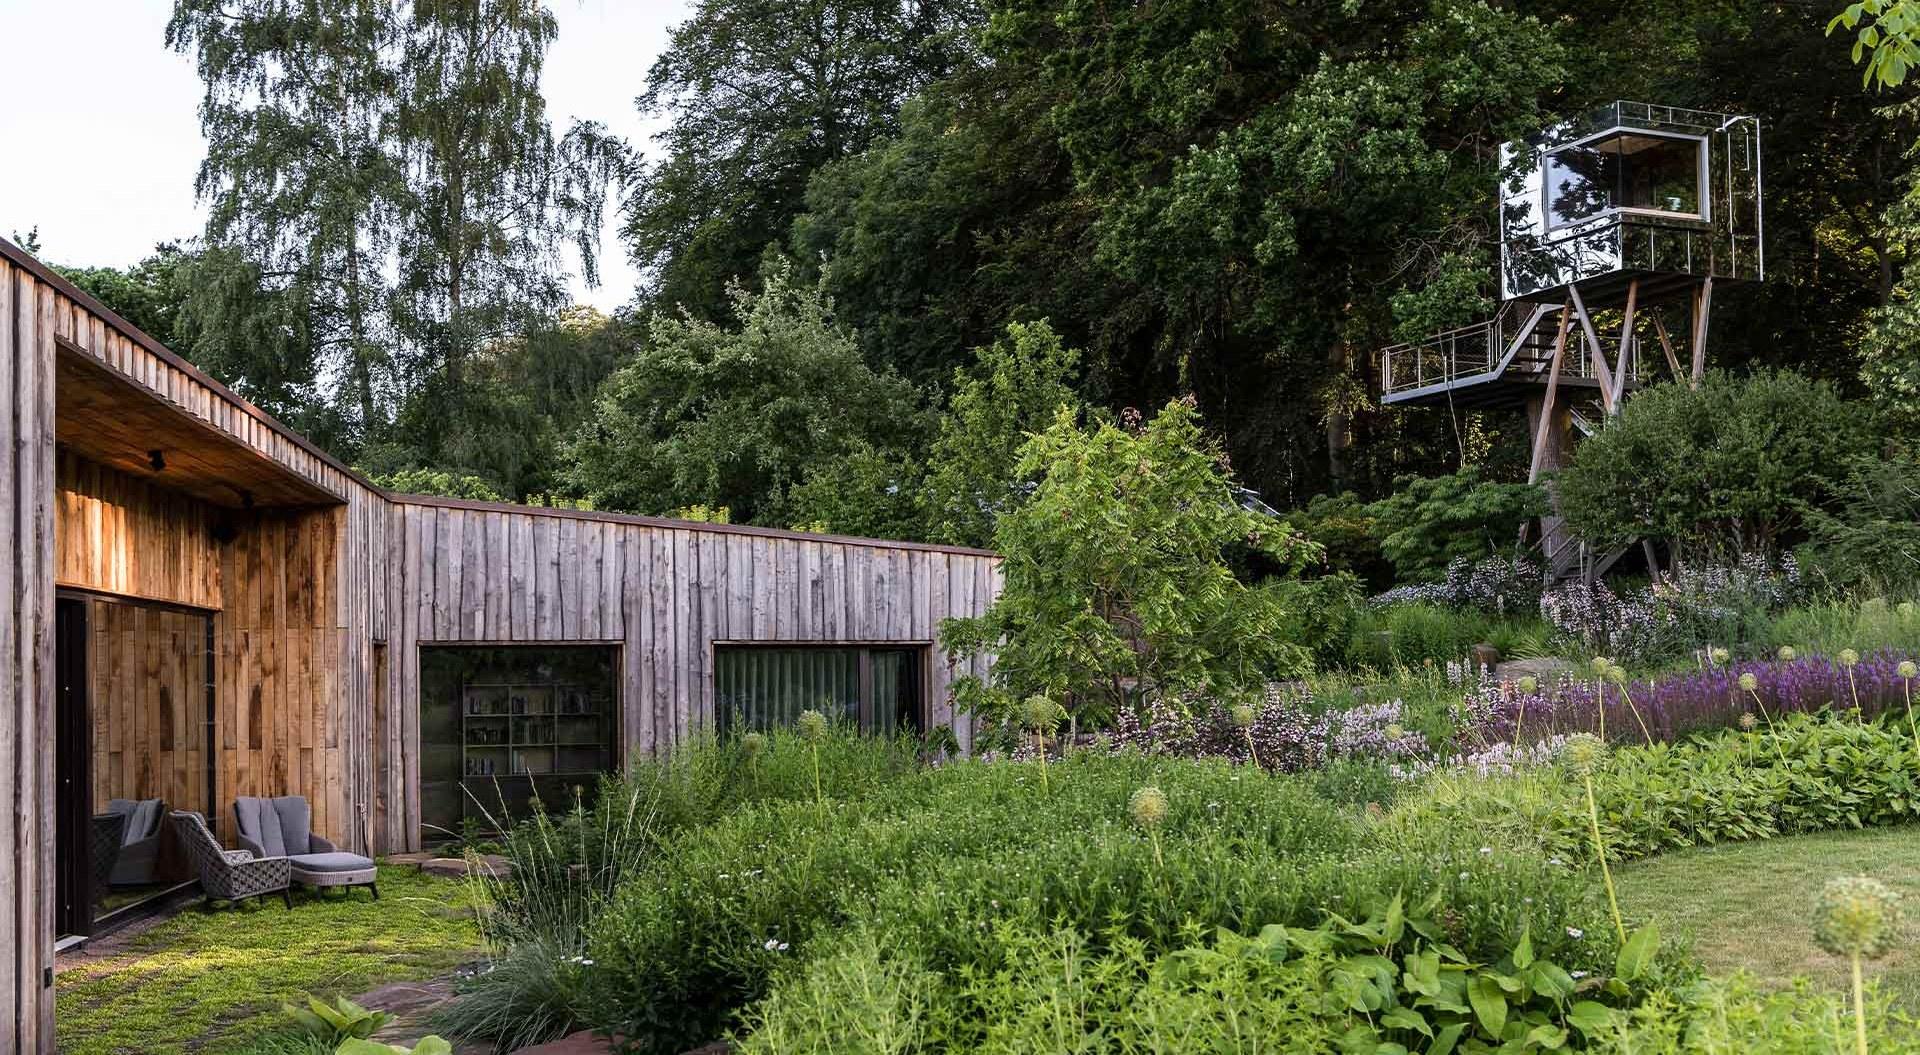 Blumen, Pflanzen, Sträucher und Bäume sorgen für abwechslungsreiches Gartenbild